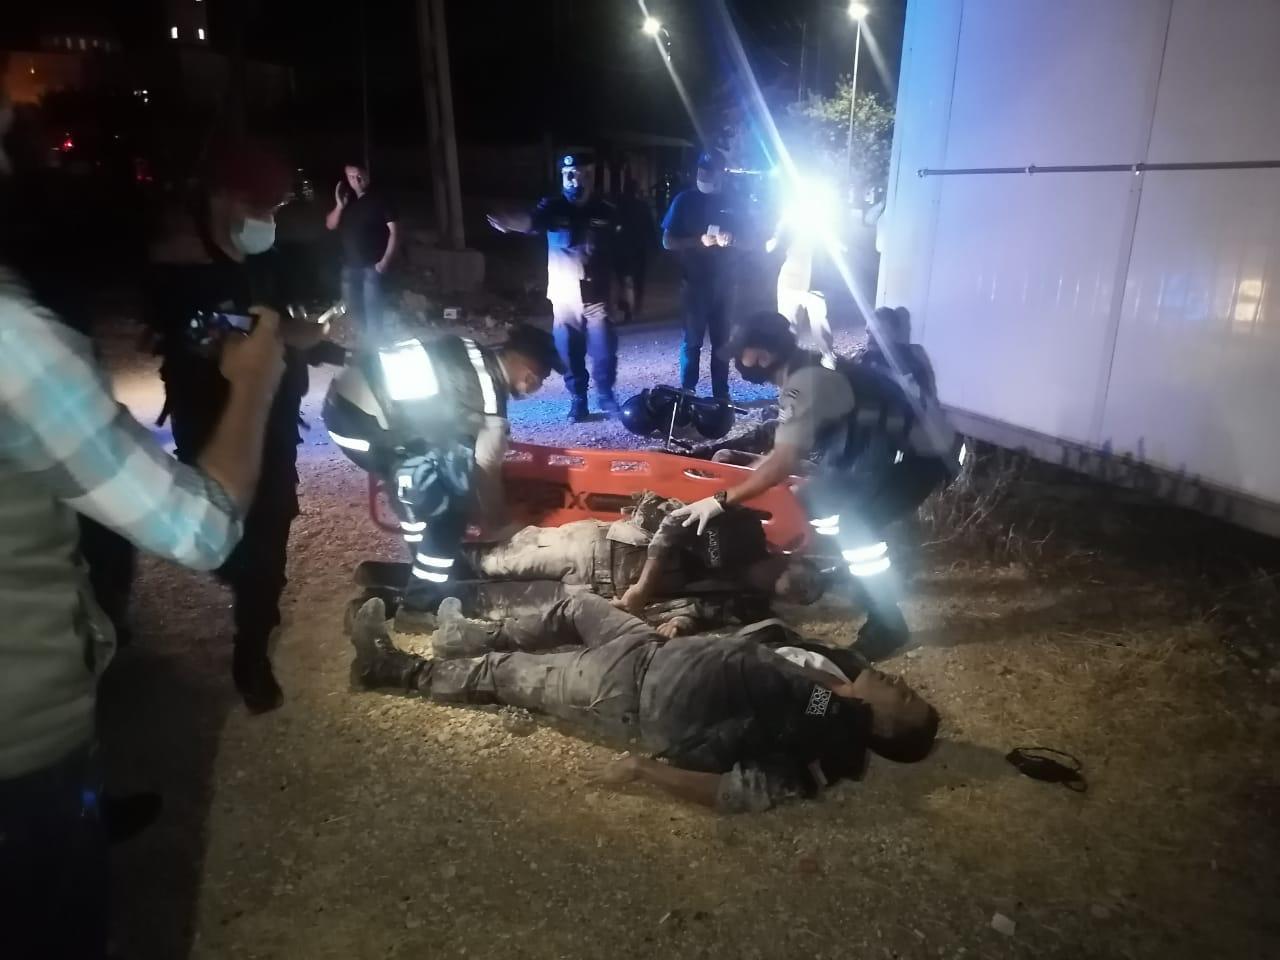 4 إصابات في صفوف قوة أمنية اردنية في اعمال شغب بلواء ناعور وخامس في الزرقاء